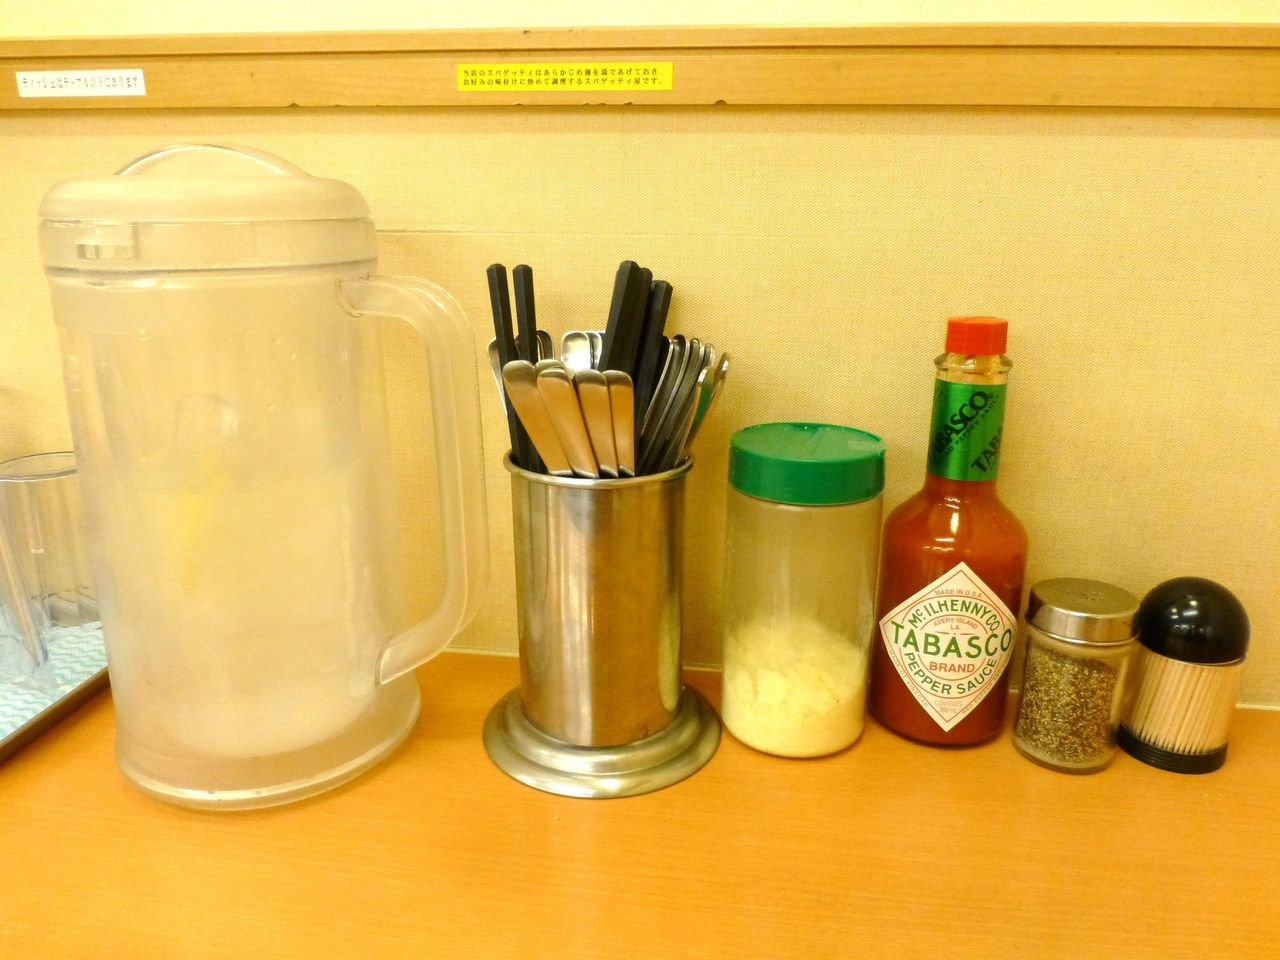 レモン水、粉チーズ、タバスコなどが用意されています!